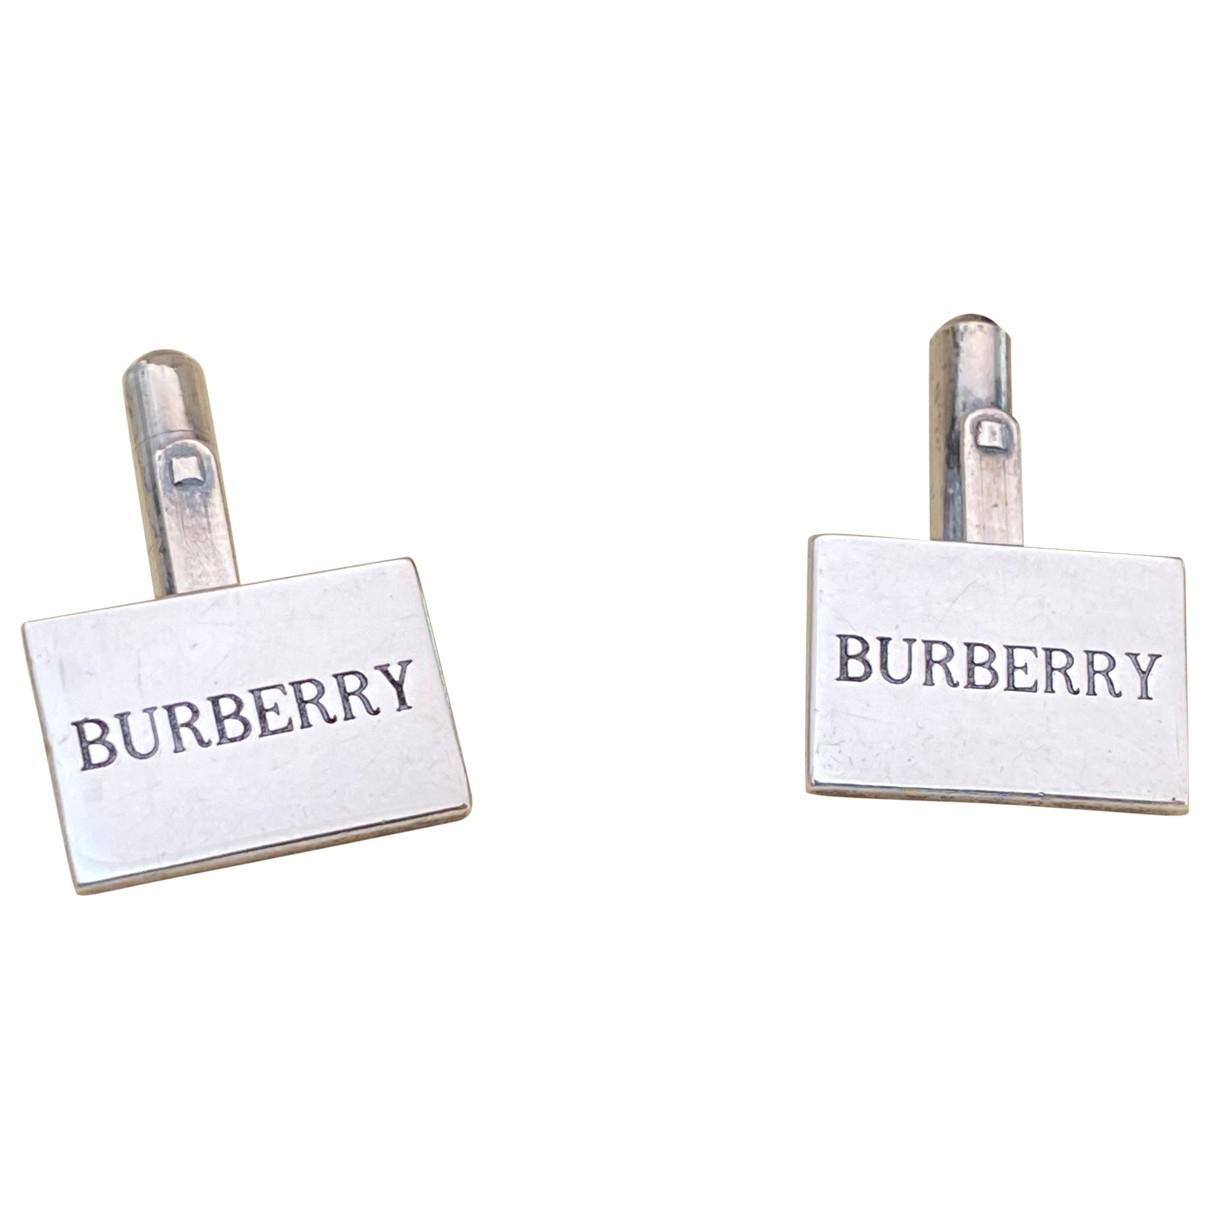 Burberry - Boutons de manchette   pour homme en metal - metallise